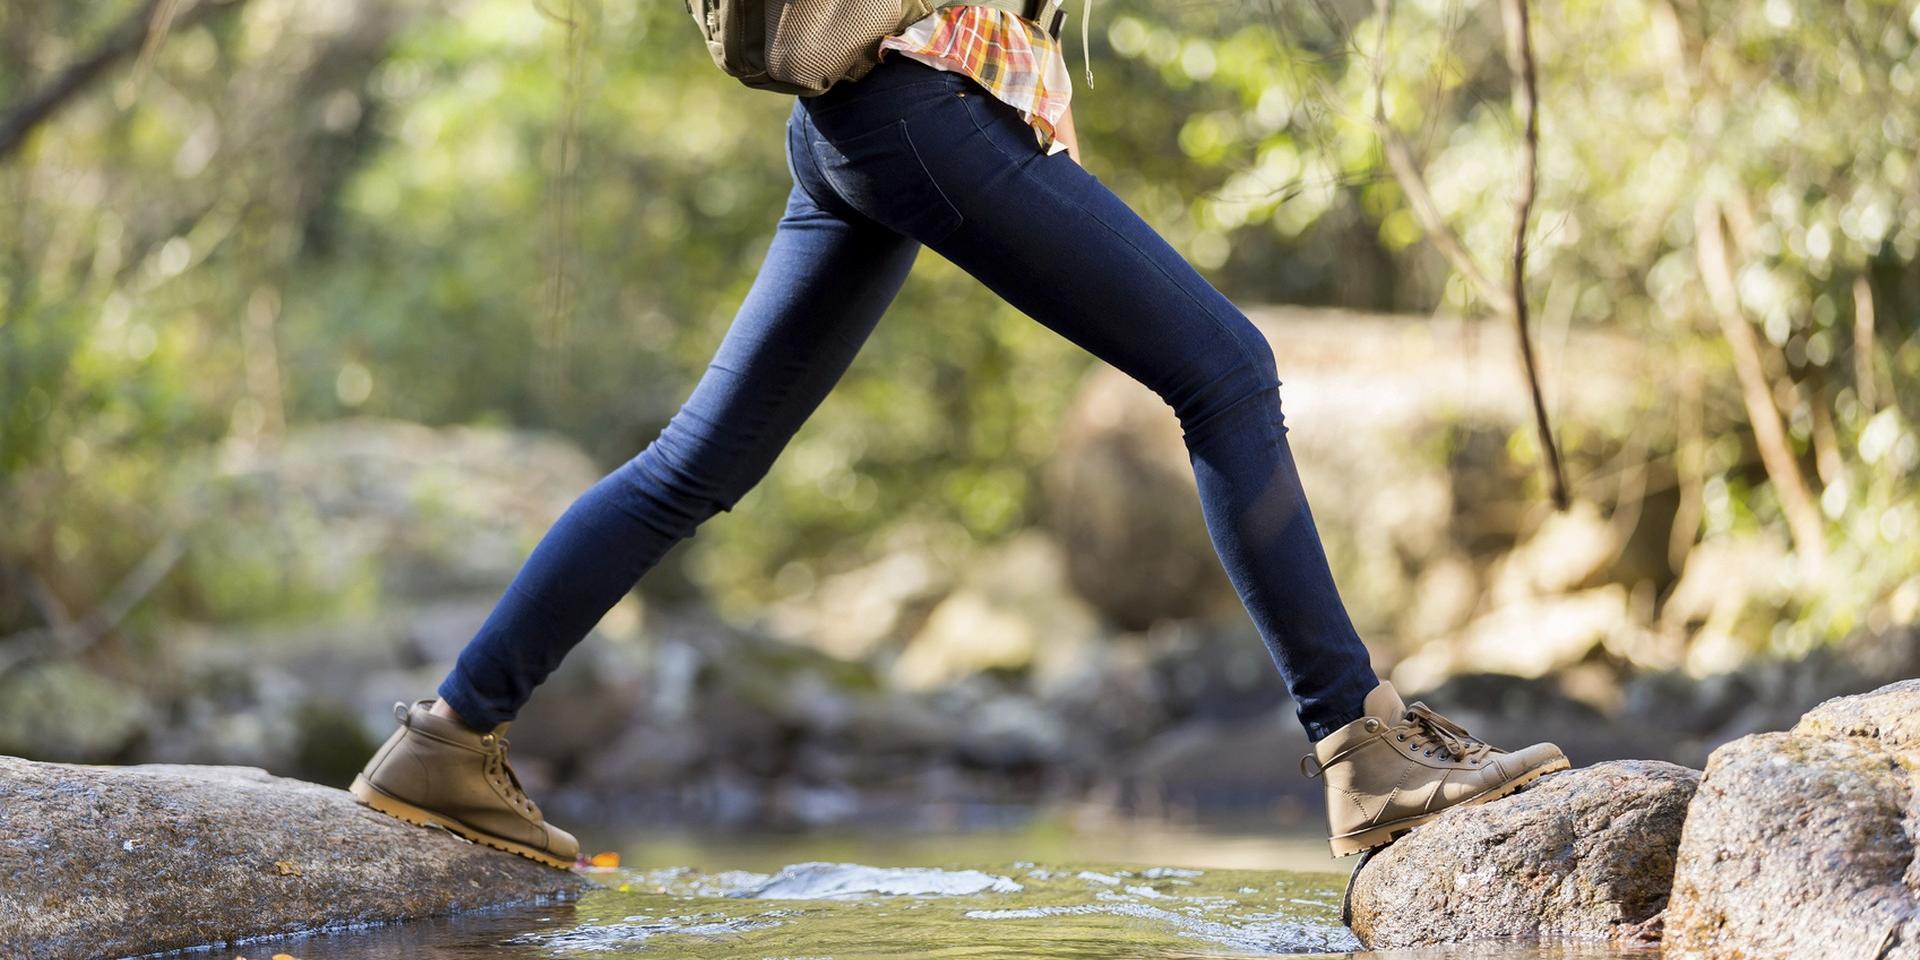 Activité physique : bouger, c'est bon pour la santé !